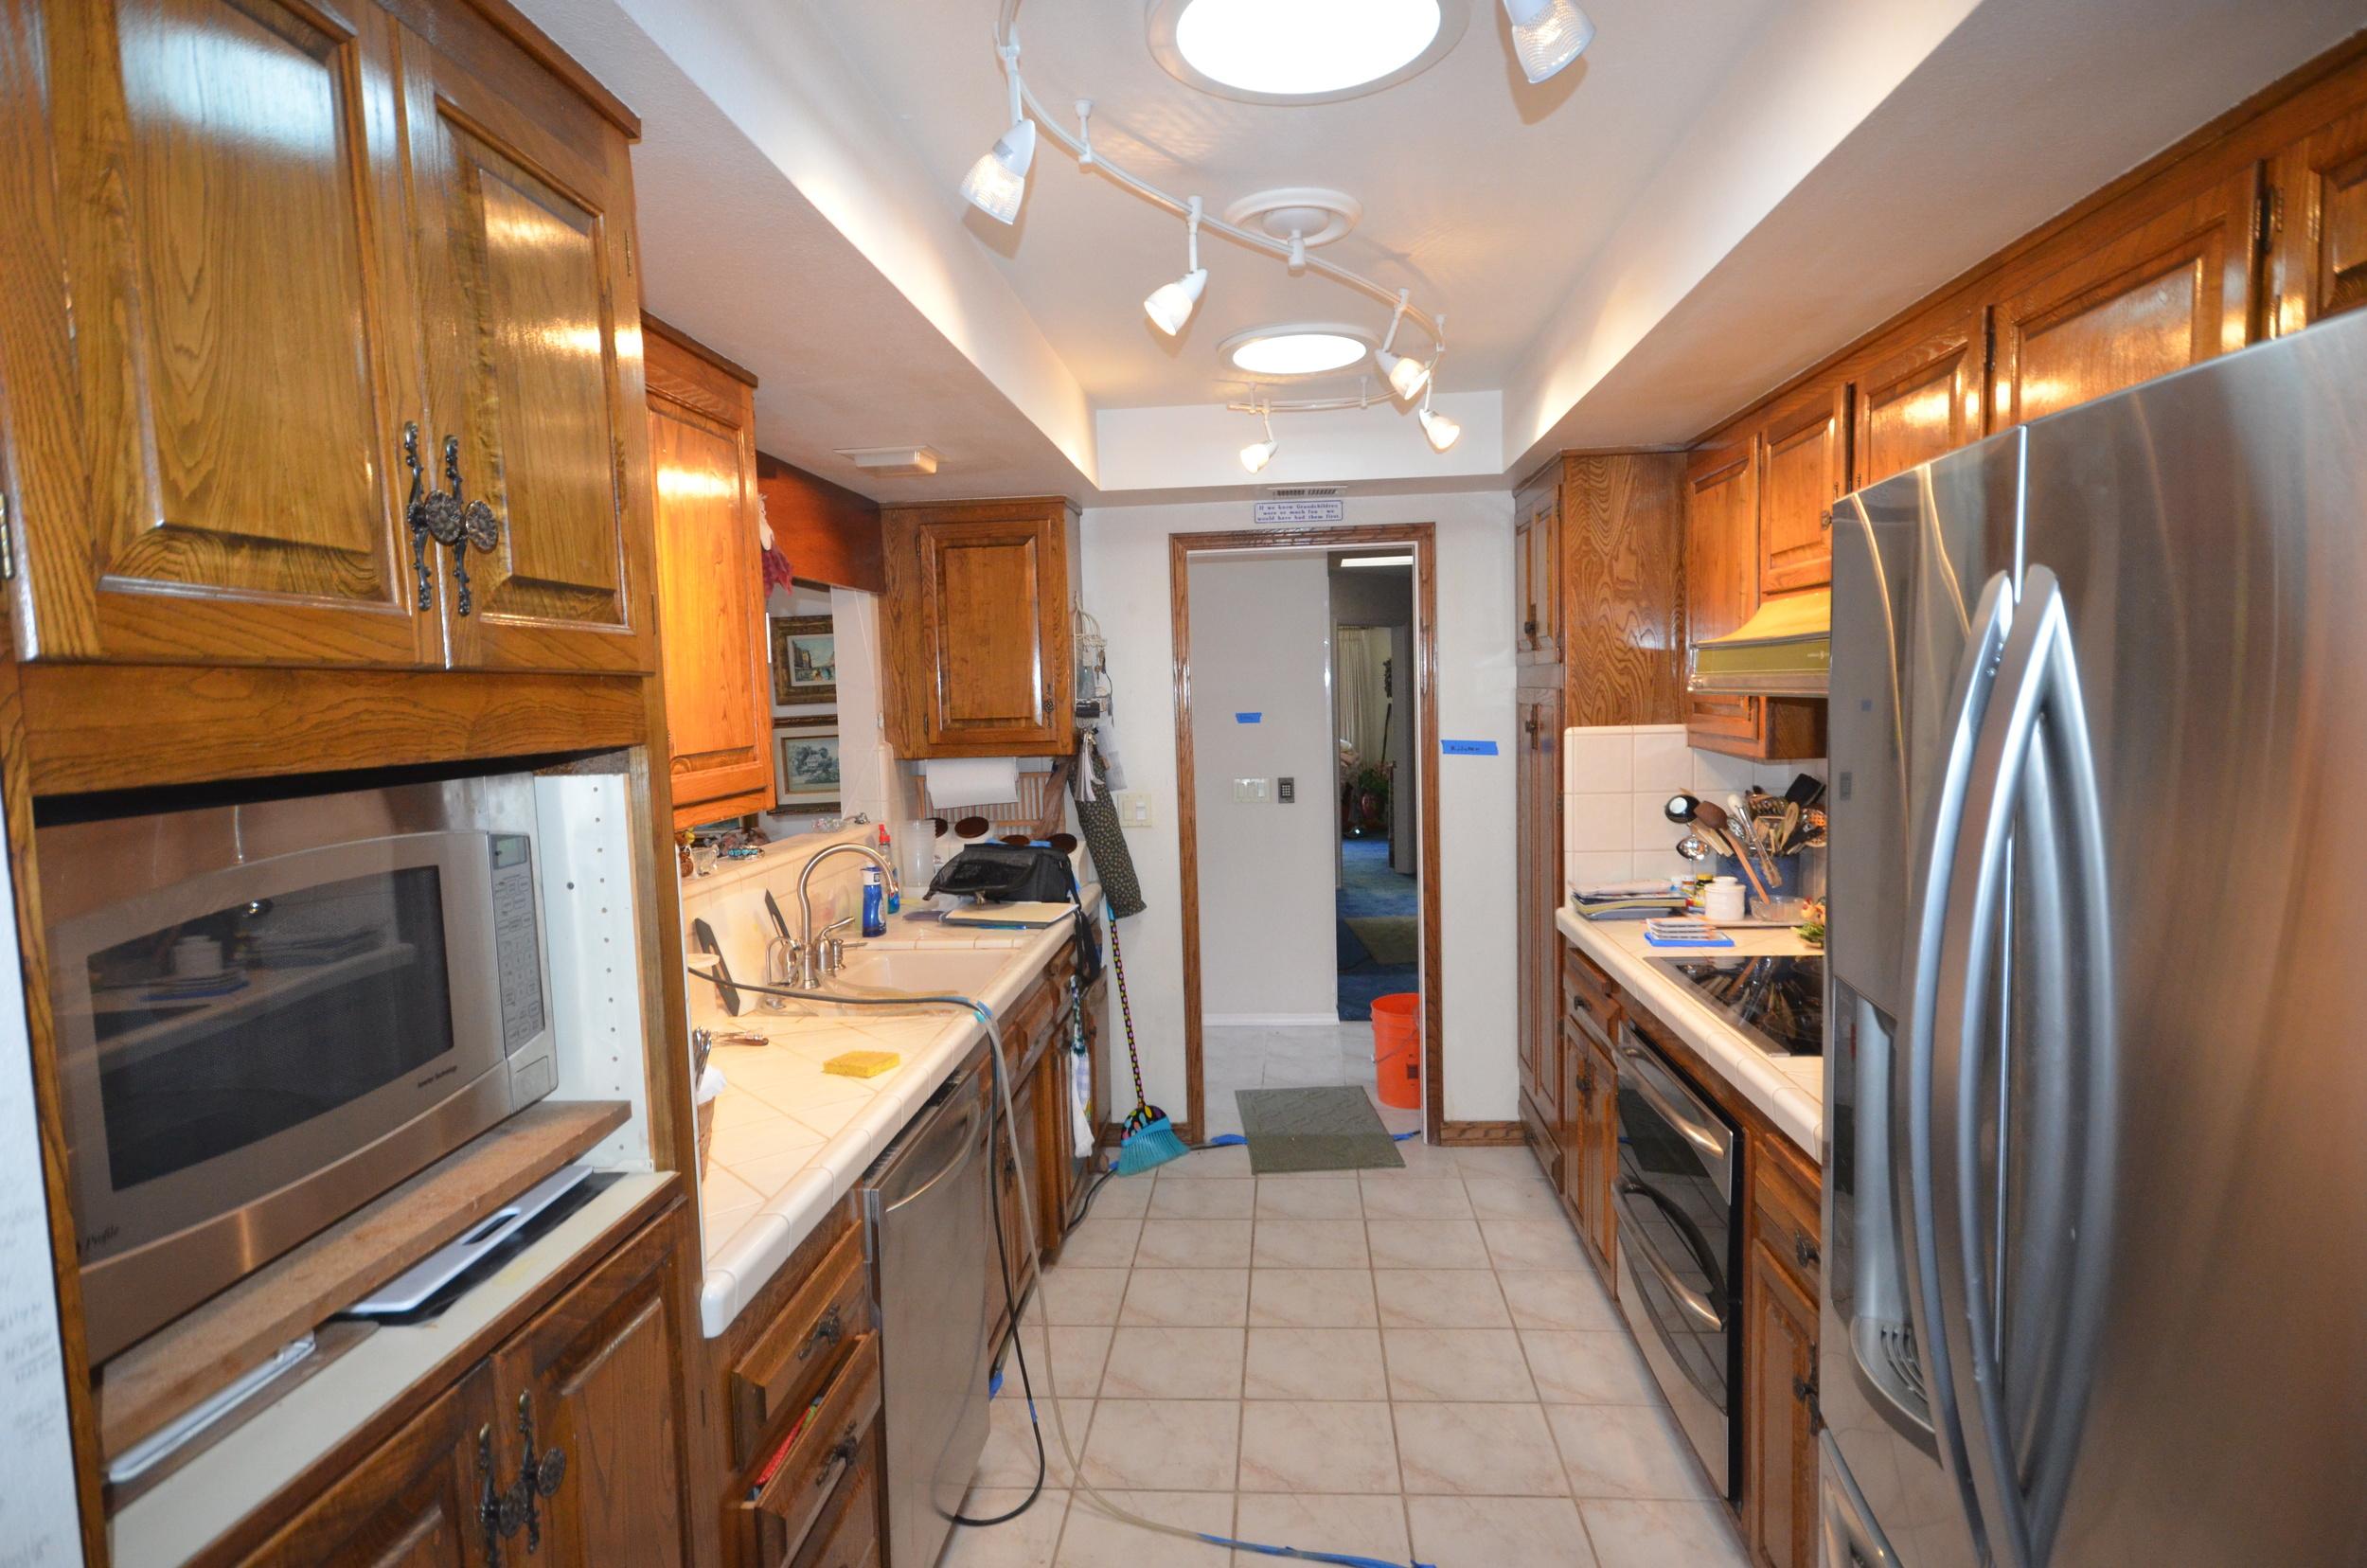 Santa Maria Kitchen Remodeling Contractors